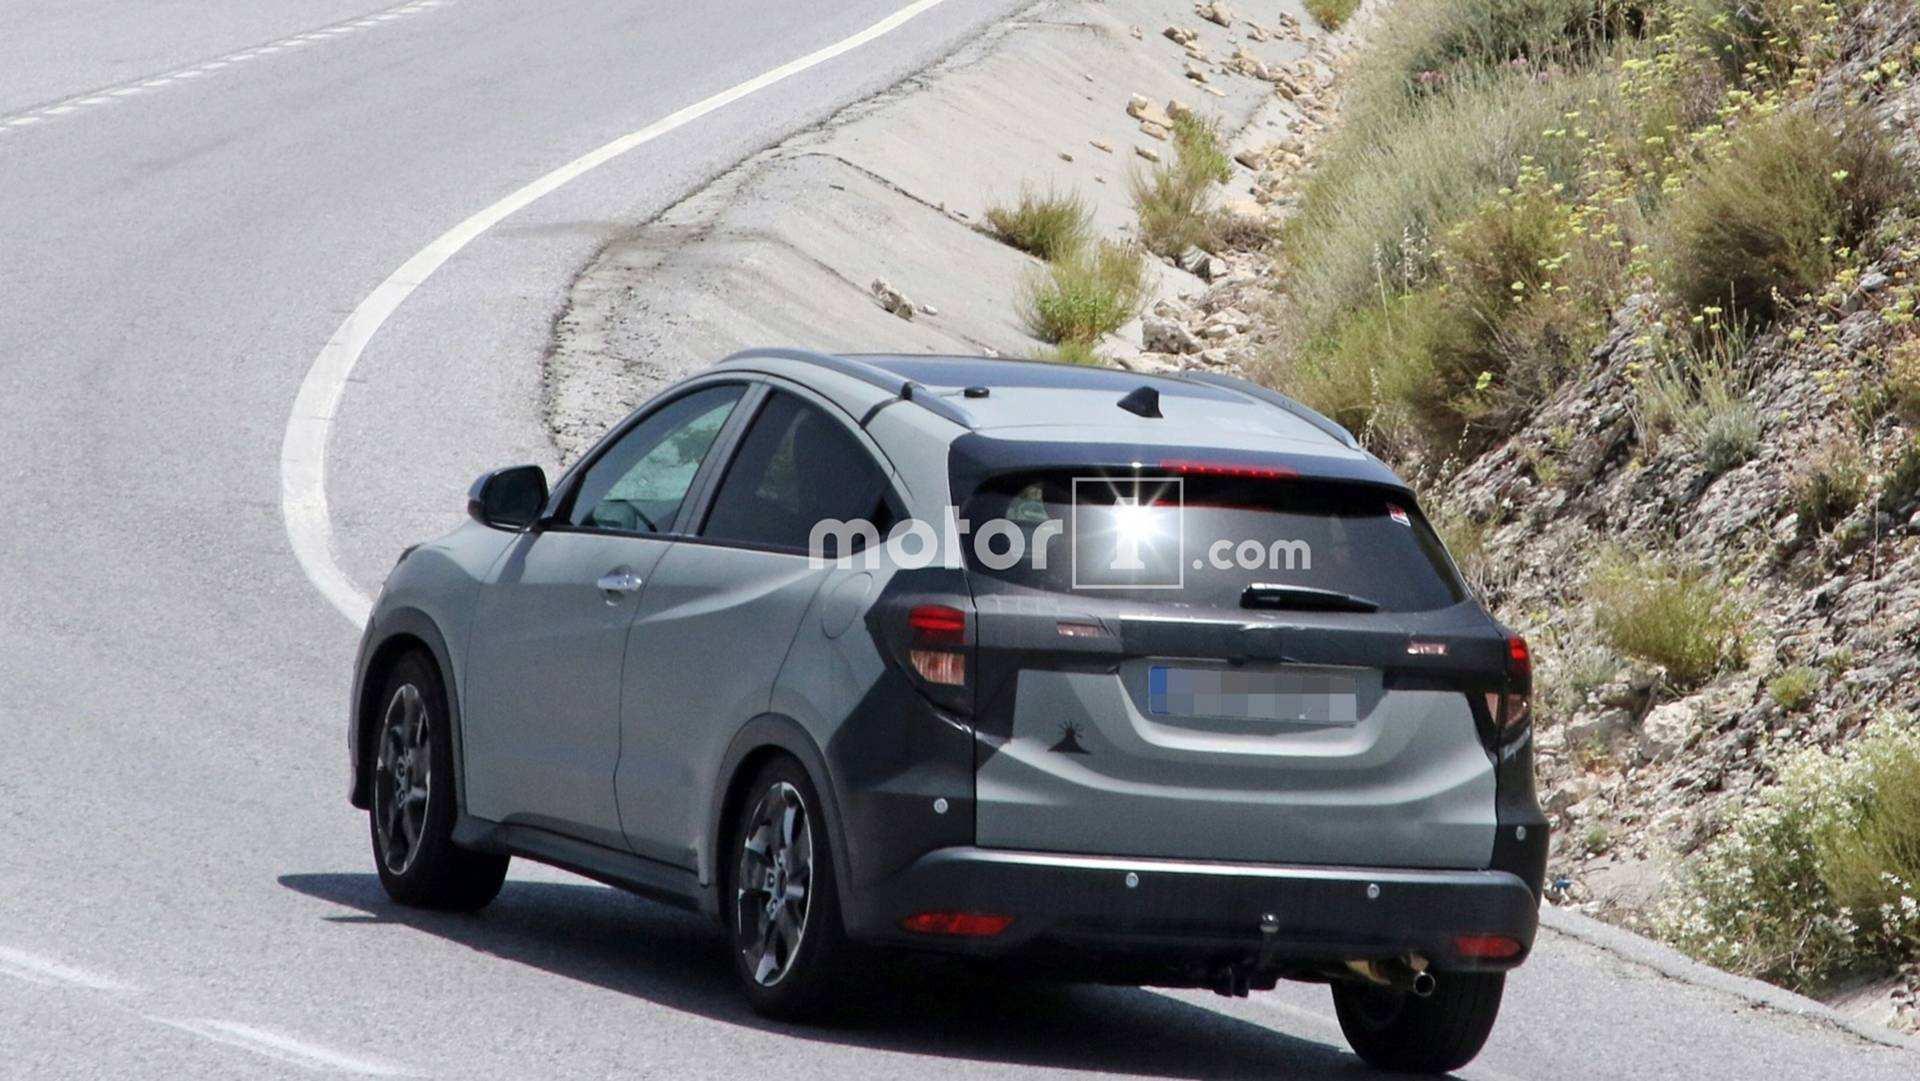 31 New Honda Hrv New Model 2020 Specs with Honda Hrv New Model 2020